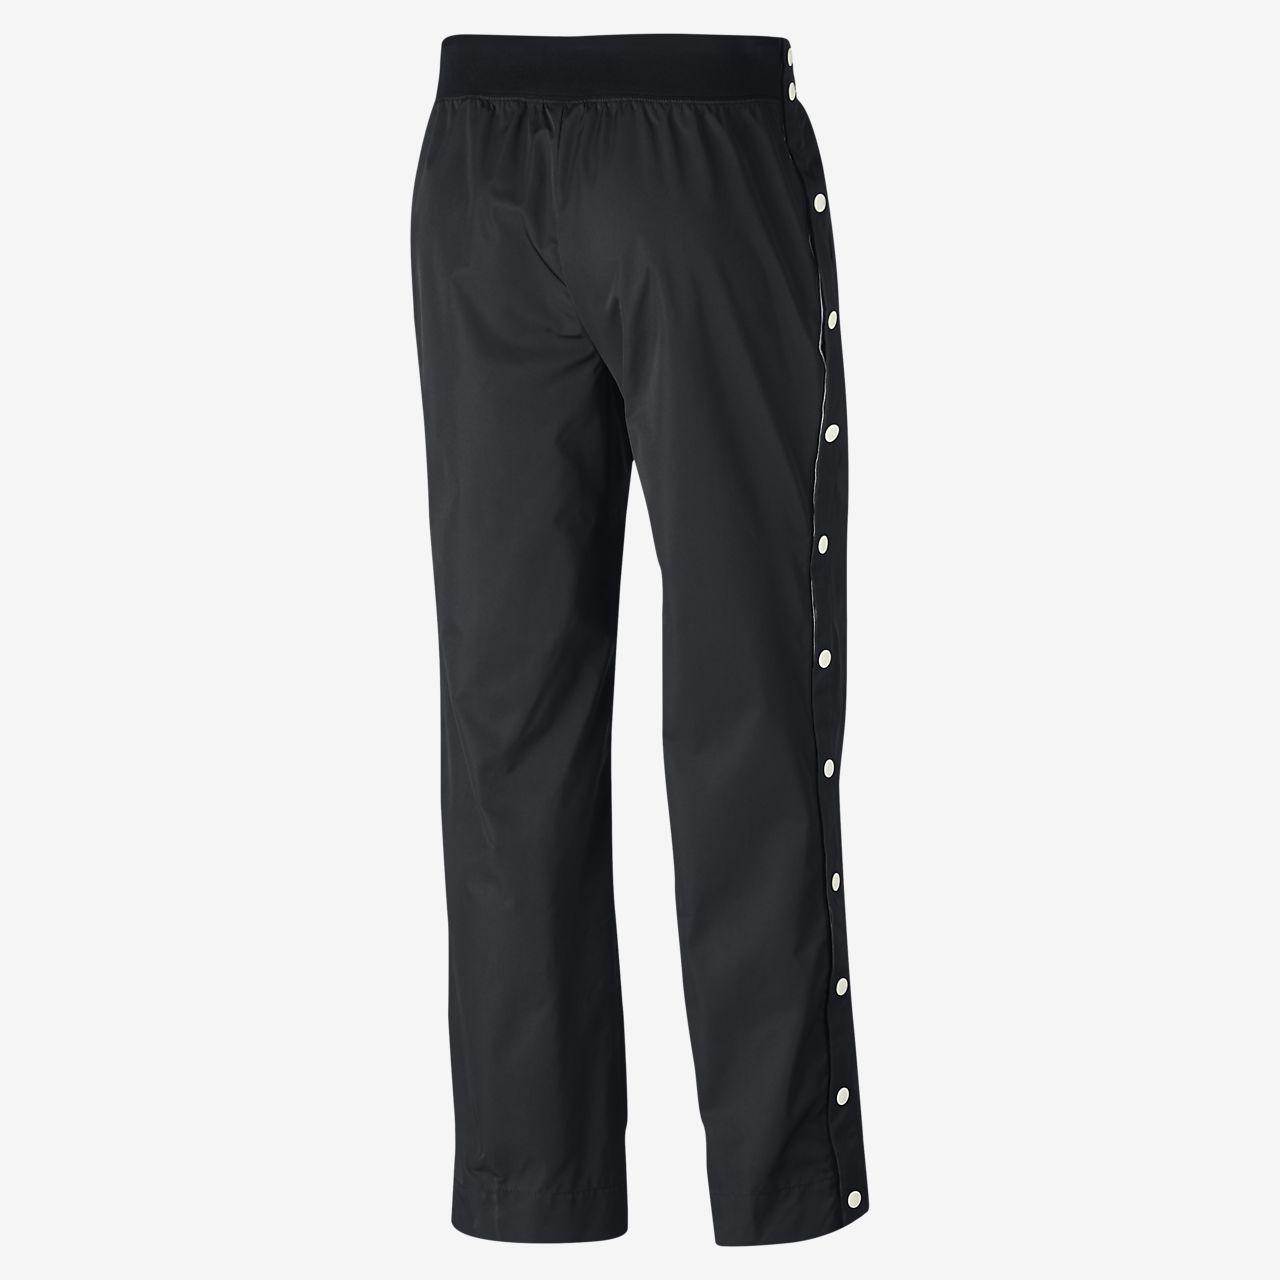 Nike Sportswear Archive Women's Trousers